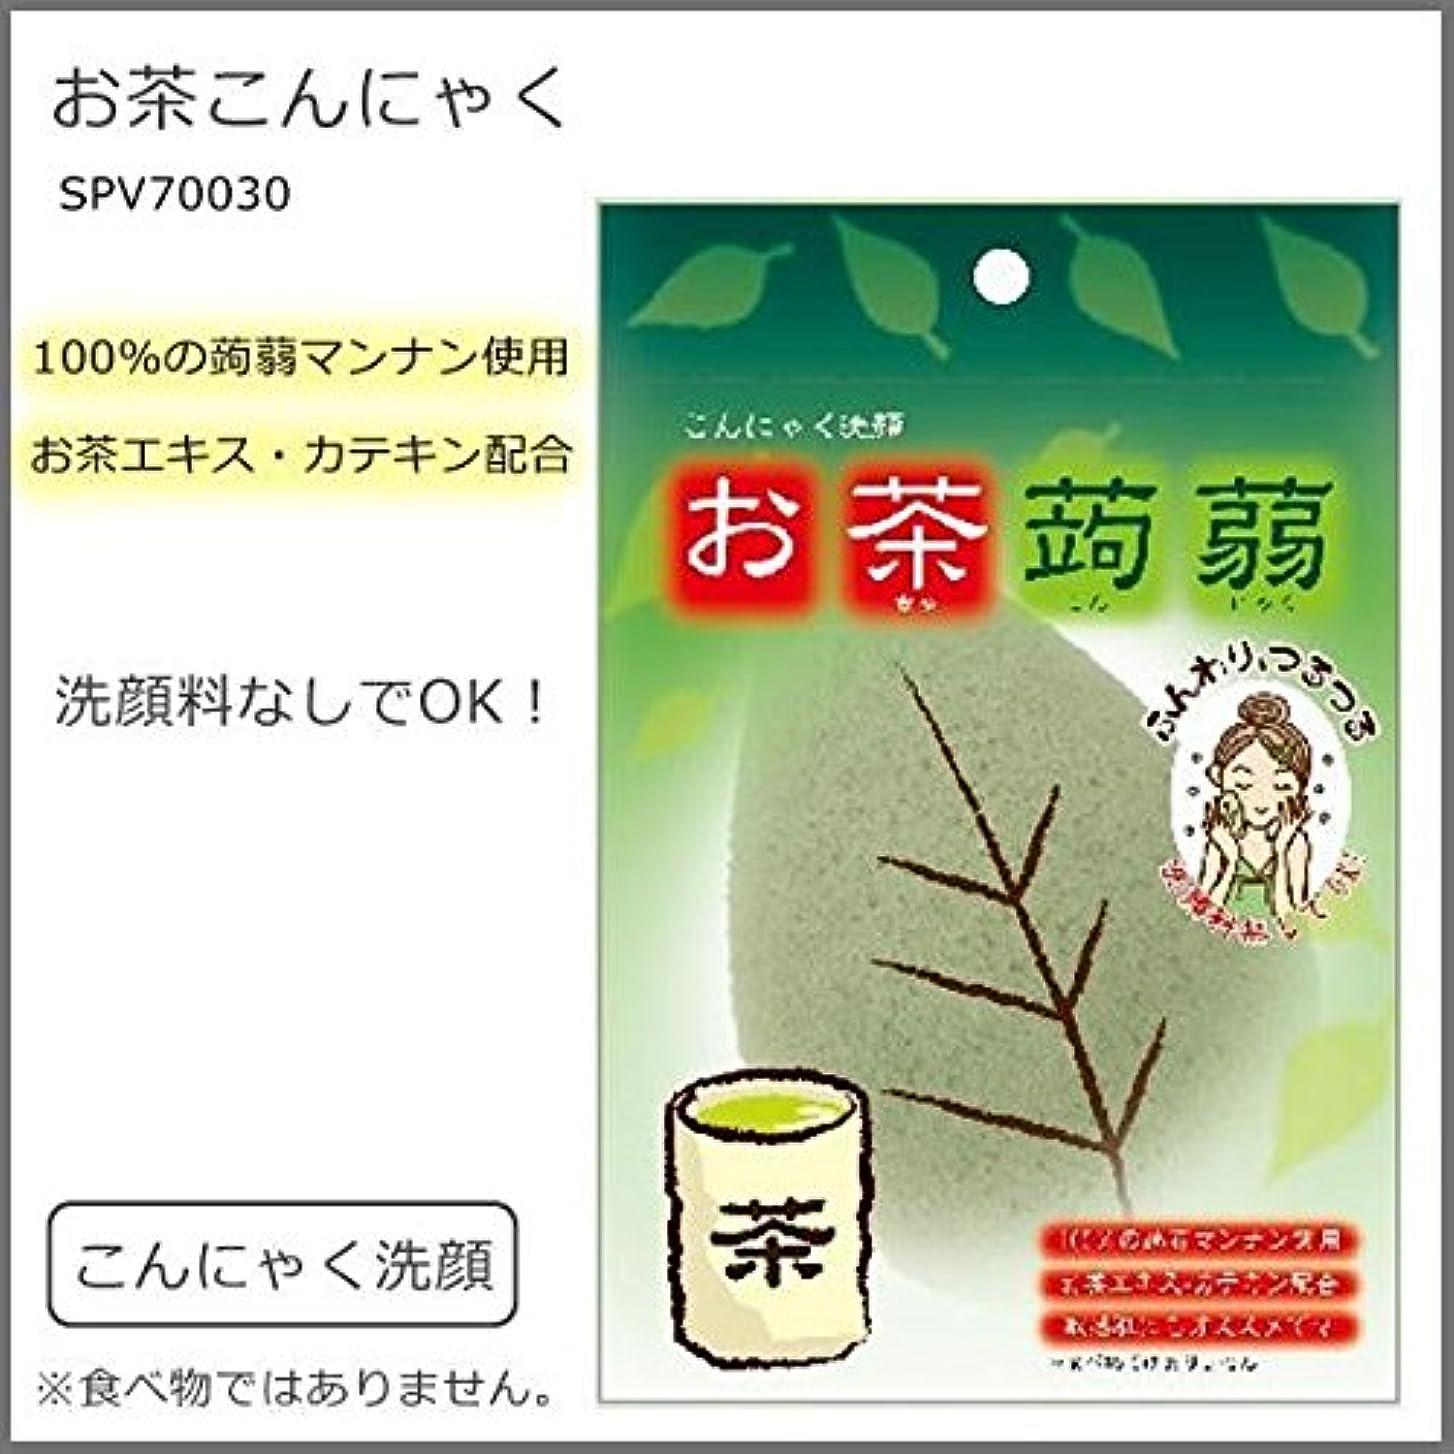 苦難リップ植物学お茶こんにゃく SPV70030